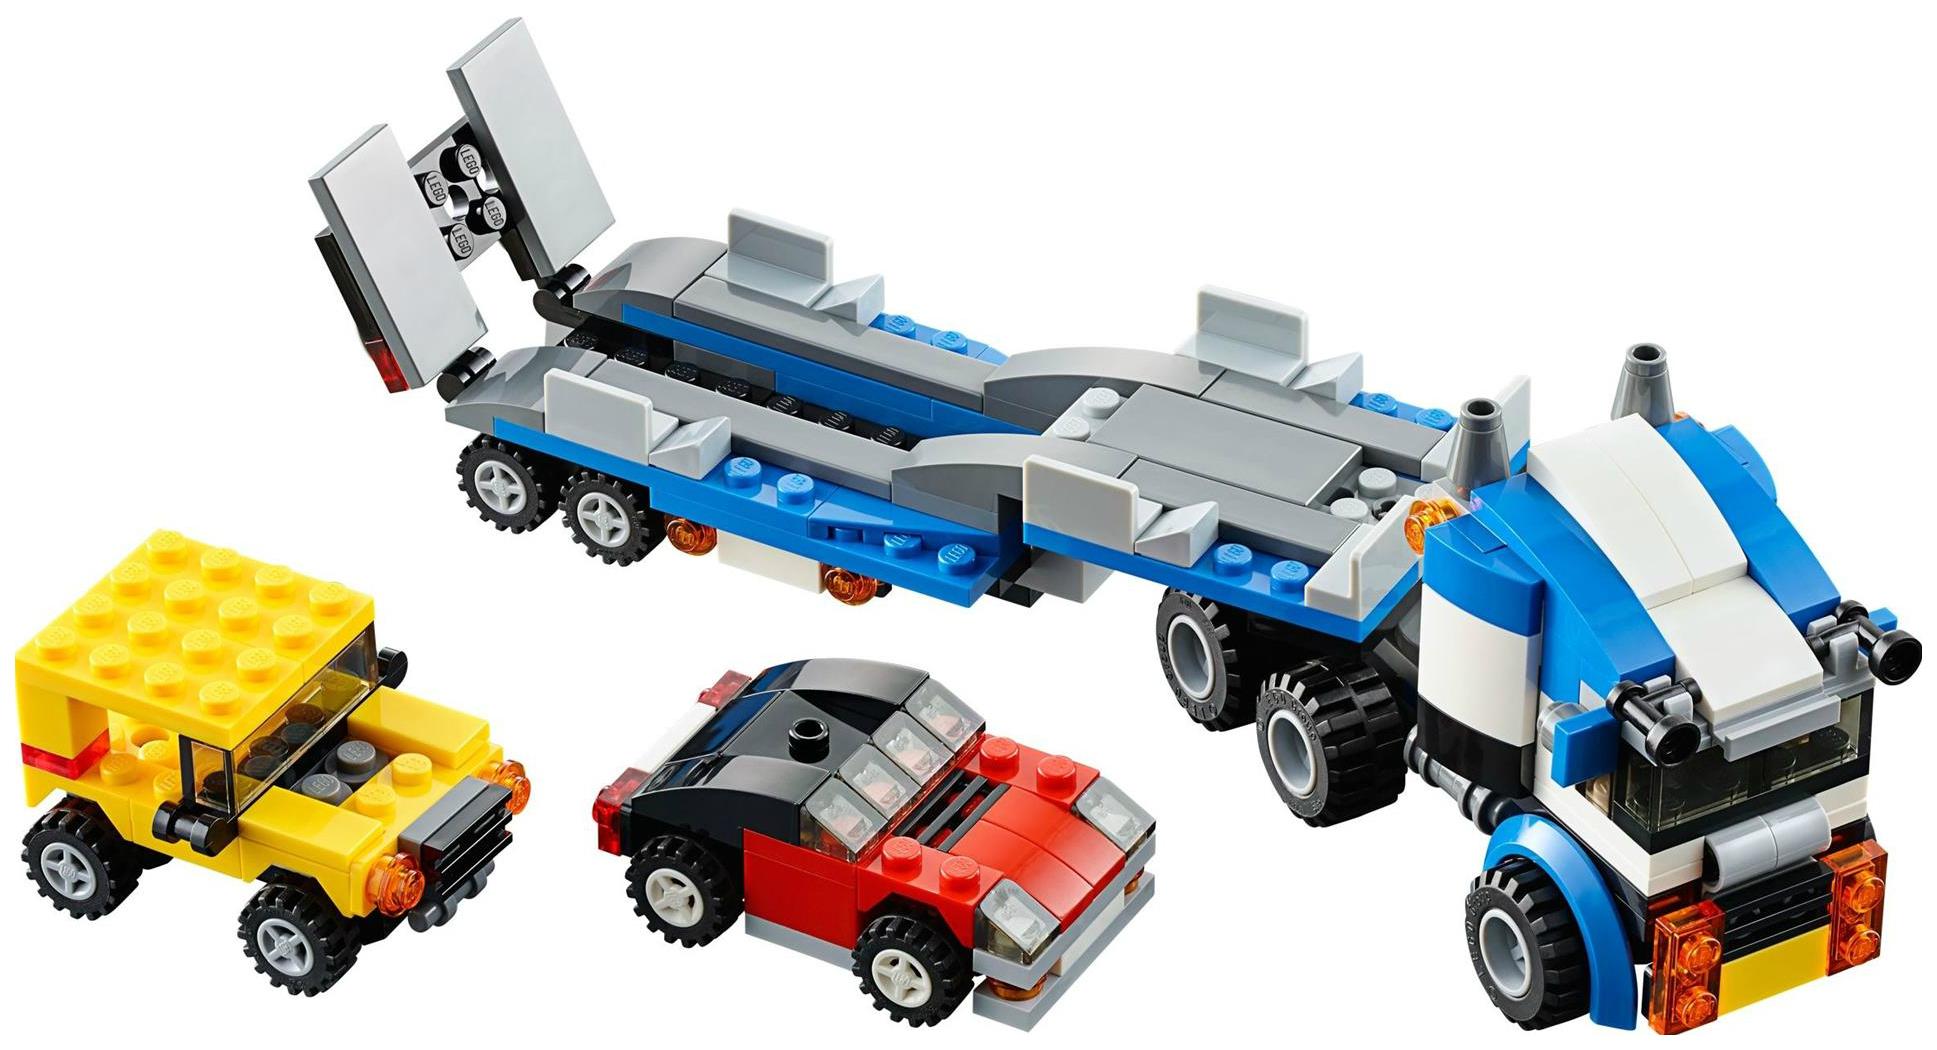 Купить Конструктор пластиковый Decool 3 в 1 Architect - Транспортировщик автомобилей, 264 детали, Конструкторы пластмассовые